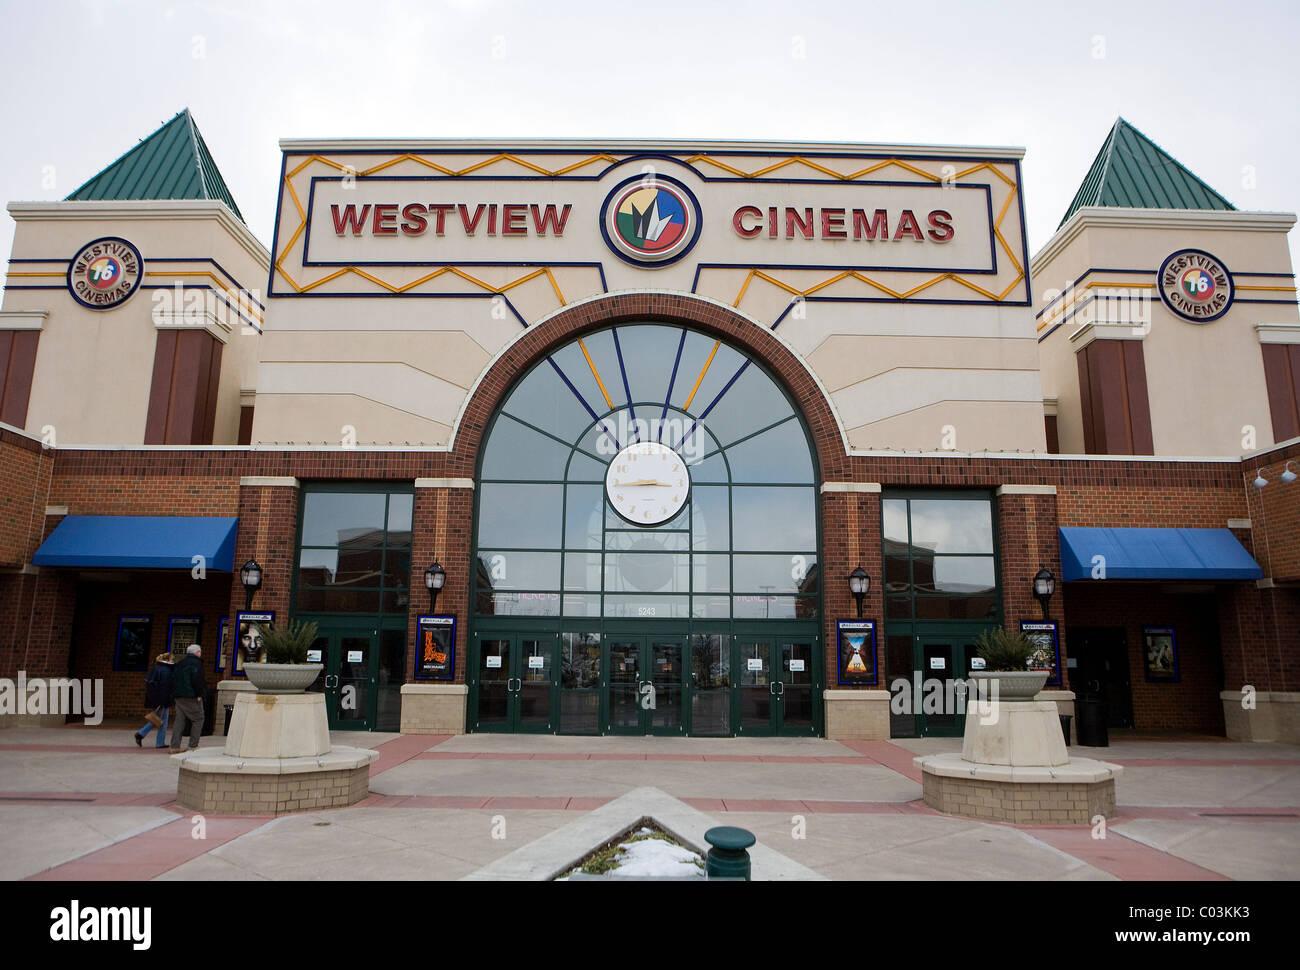 Eine königliche Kinos Kino. Stockbild